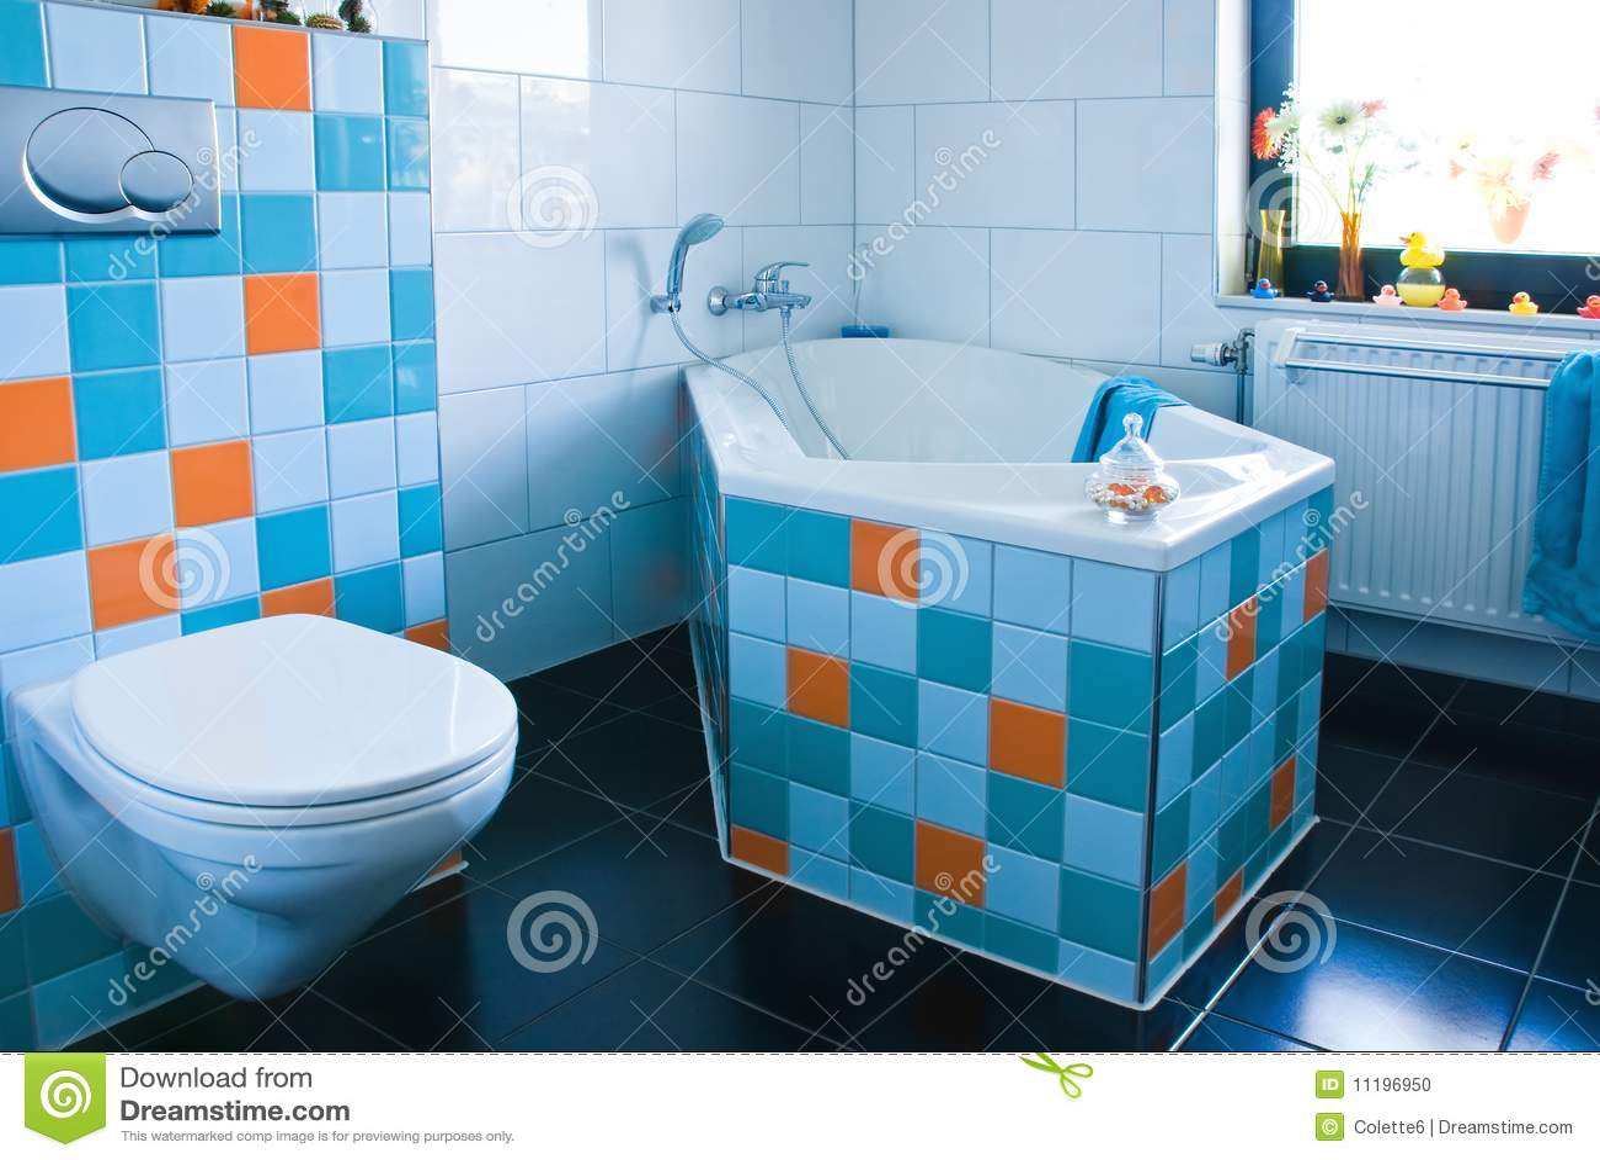 Cuarto de ba o blanco y azul colorido con el suelo negro for Cuarto negro con blanco